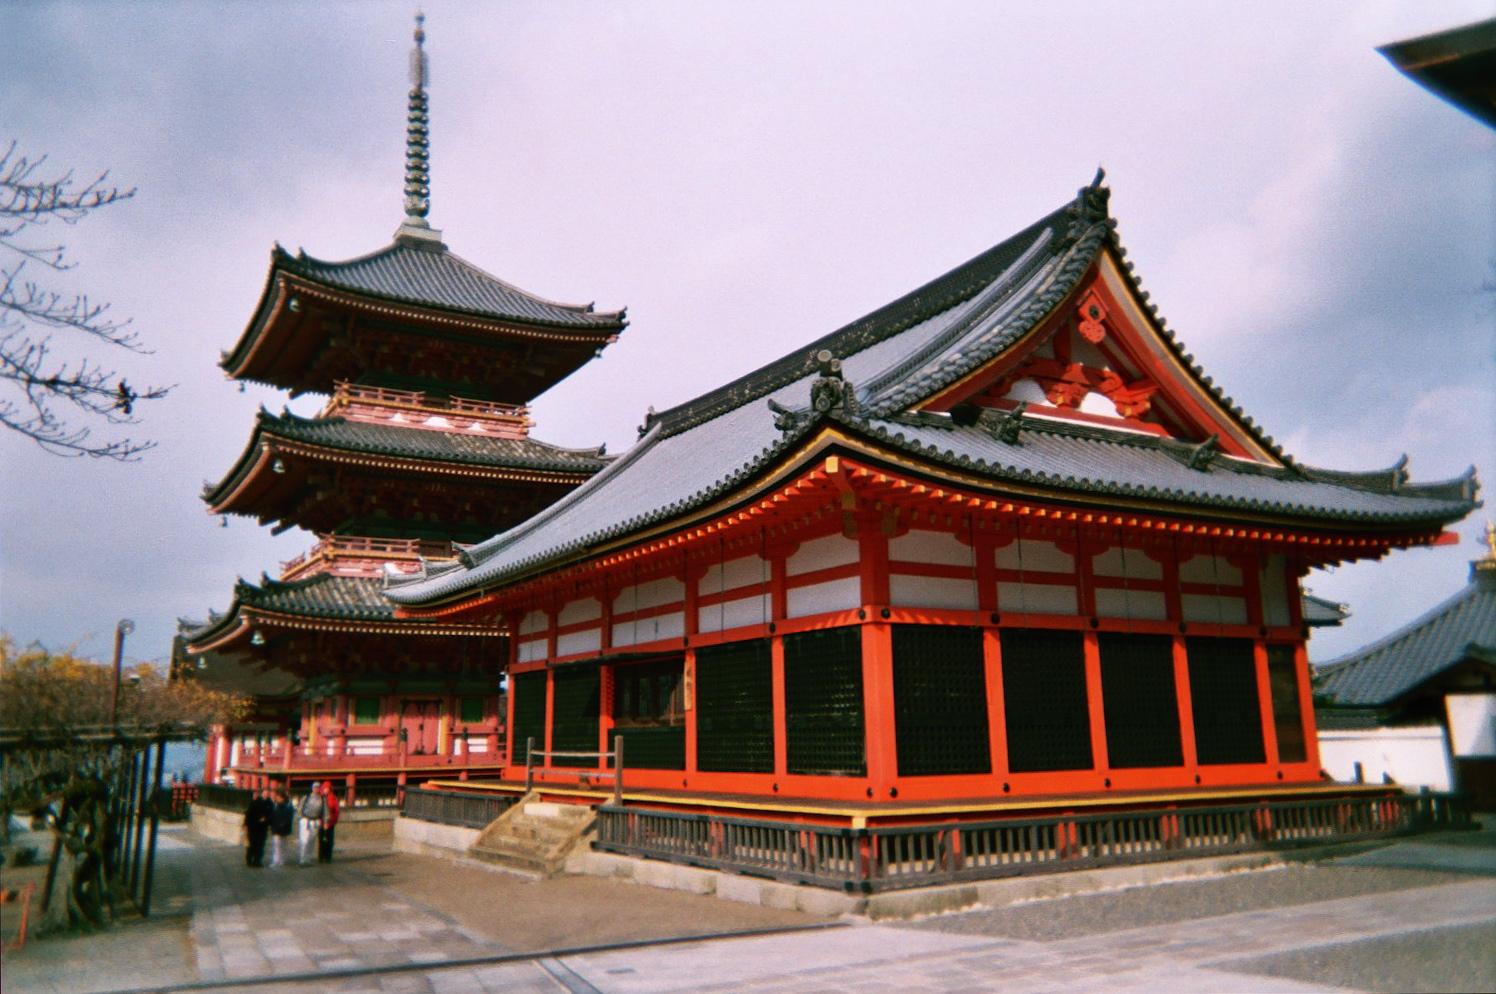 Kyoto-Kiyomizu_Temple-2.JPG